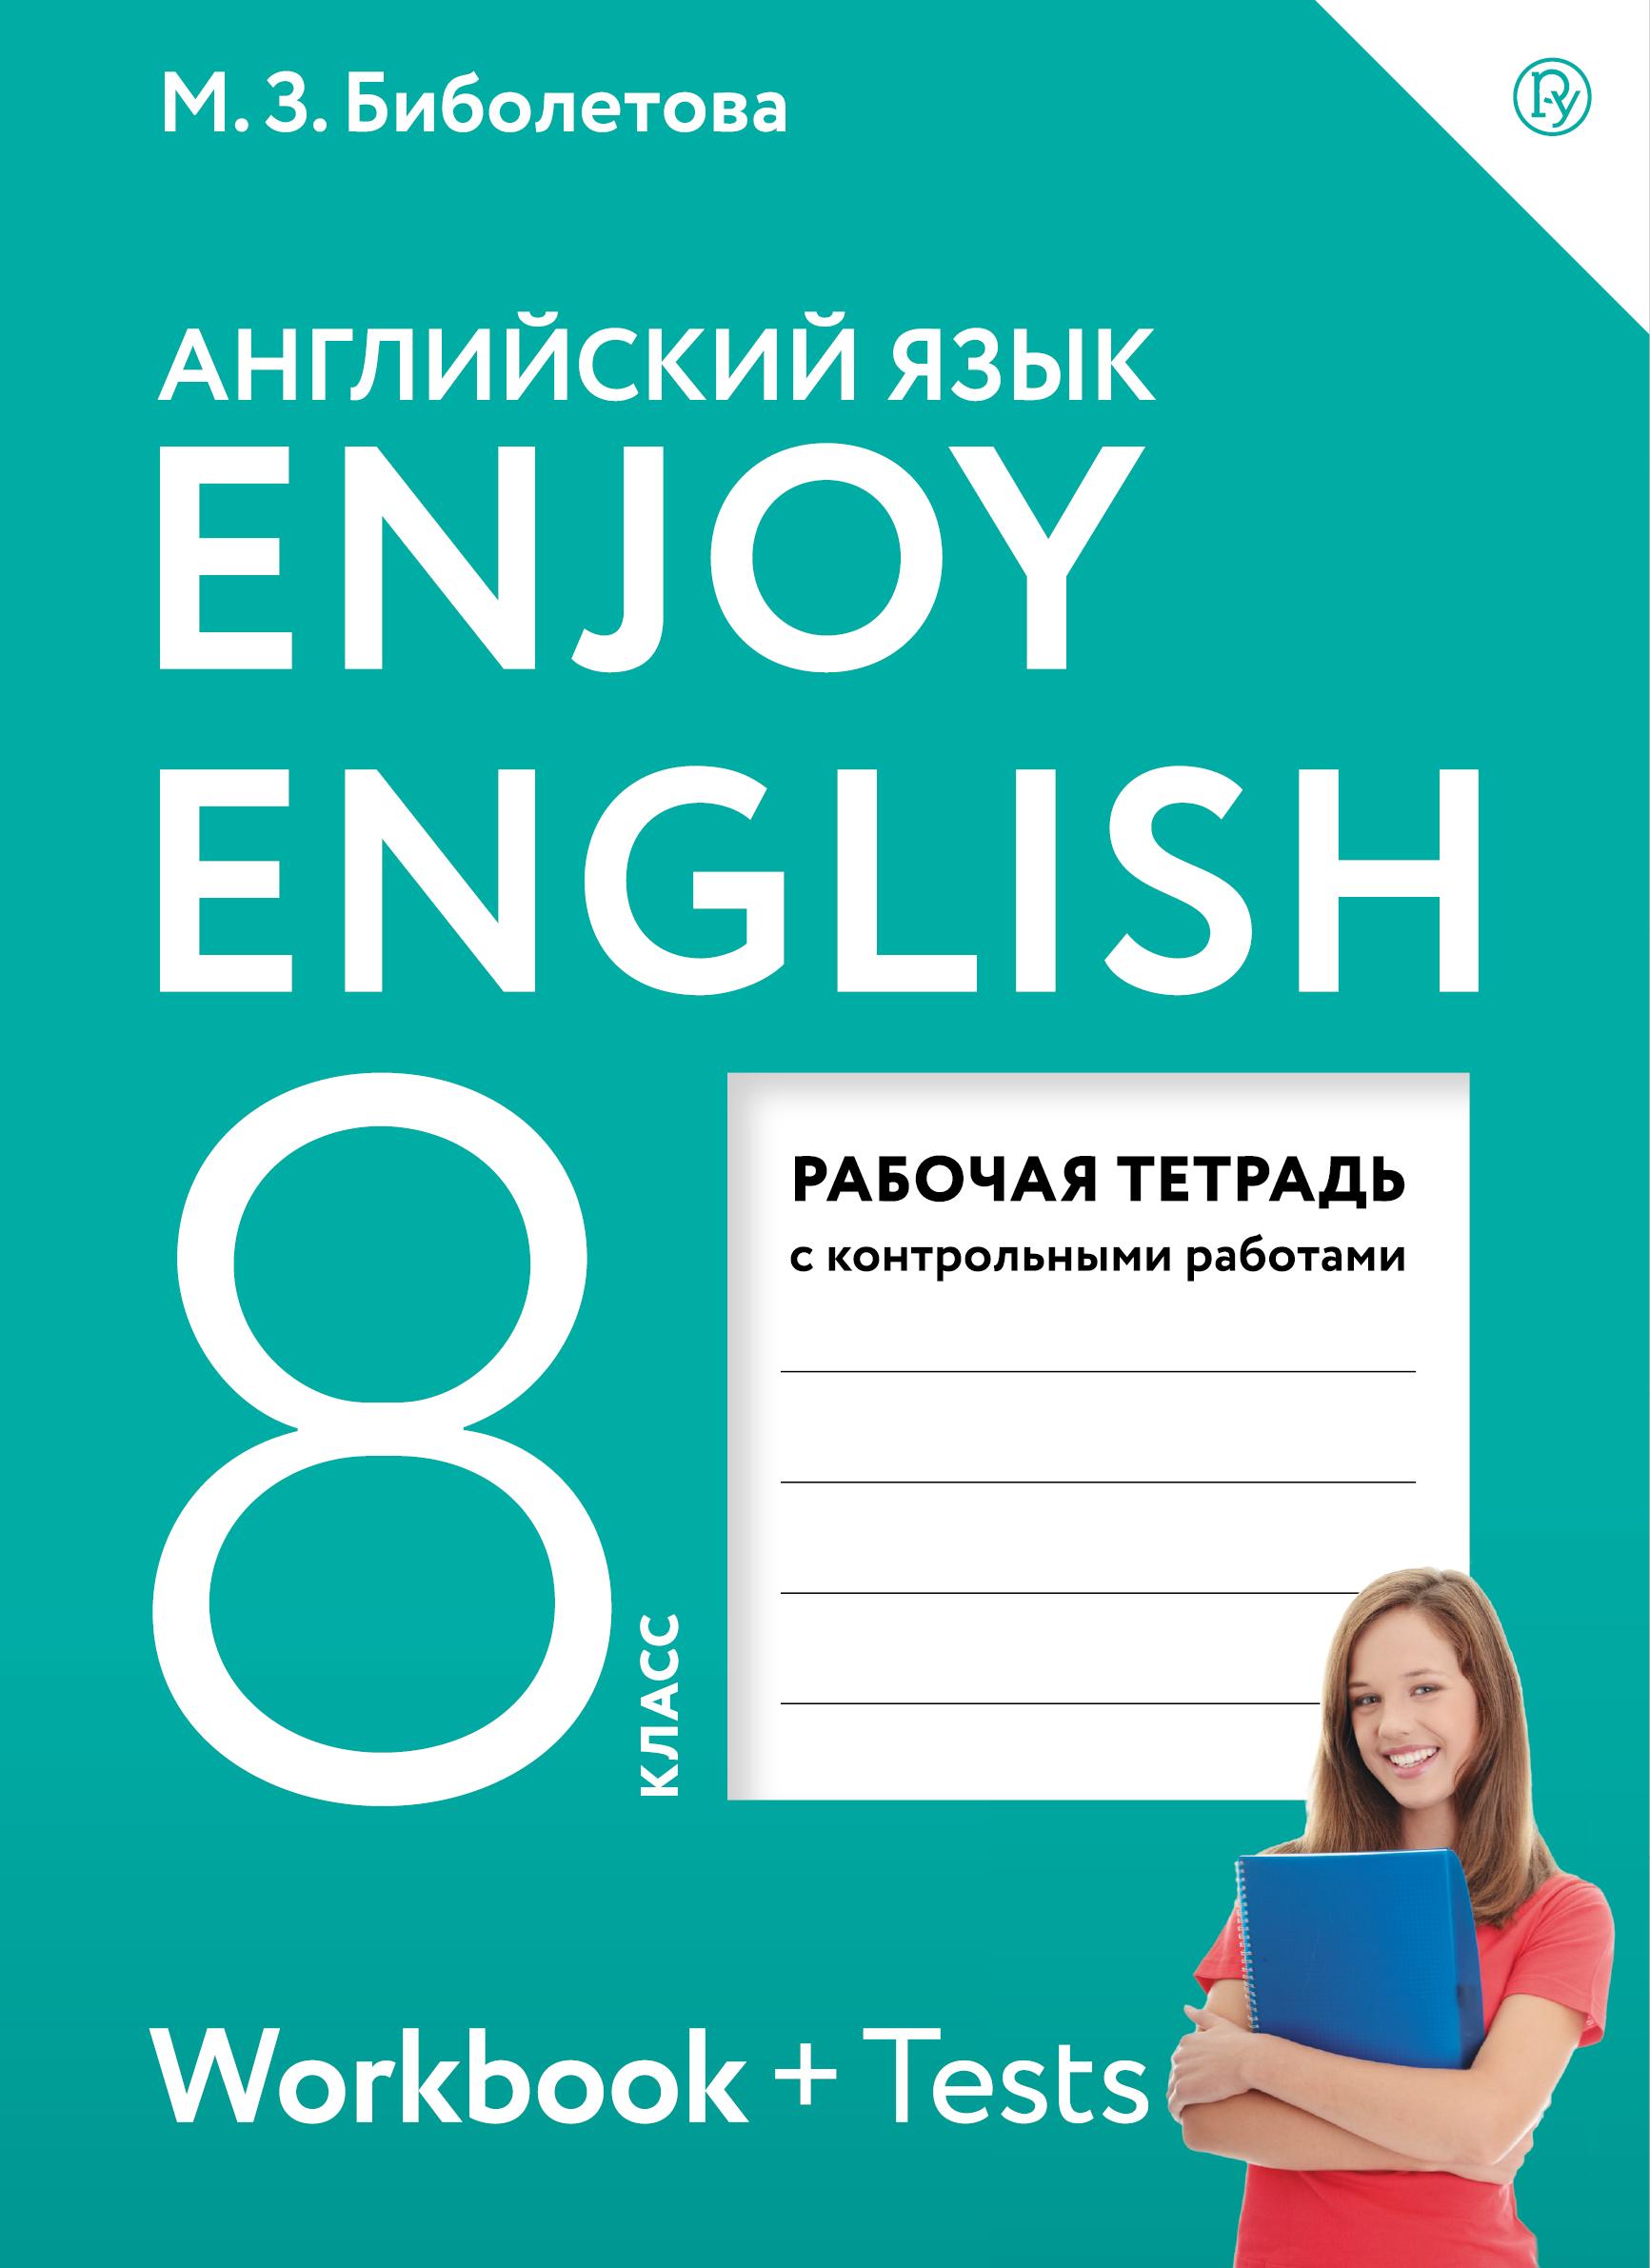 Скачать ответы английского языка 7 класса м.з биболетова и бабушис